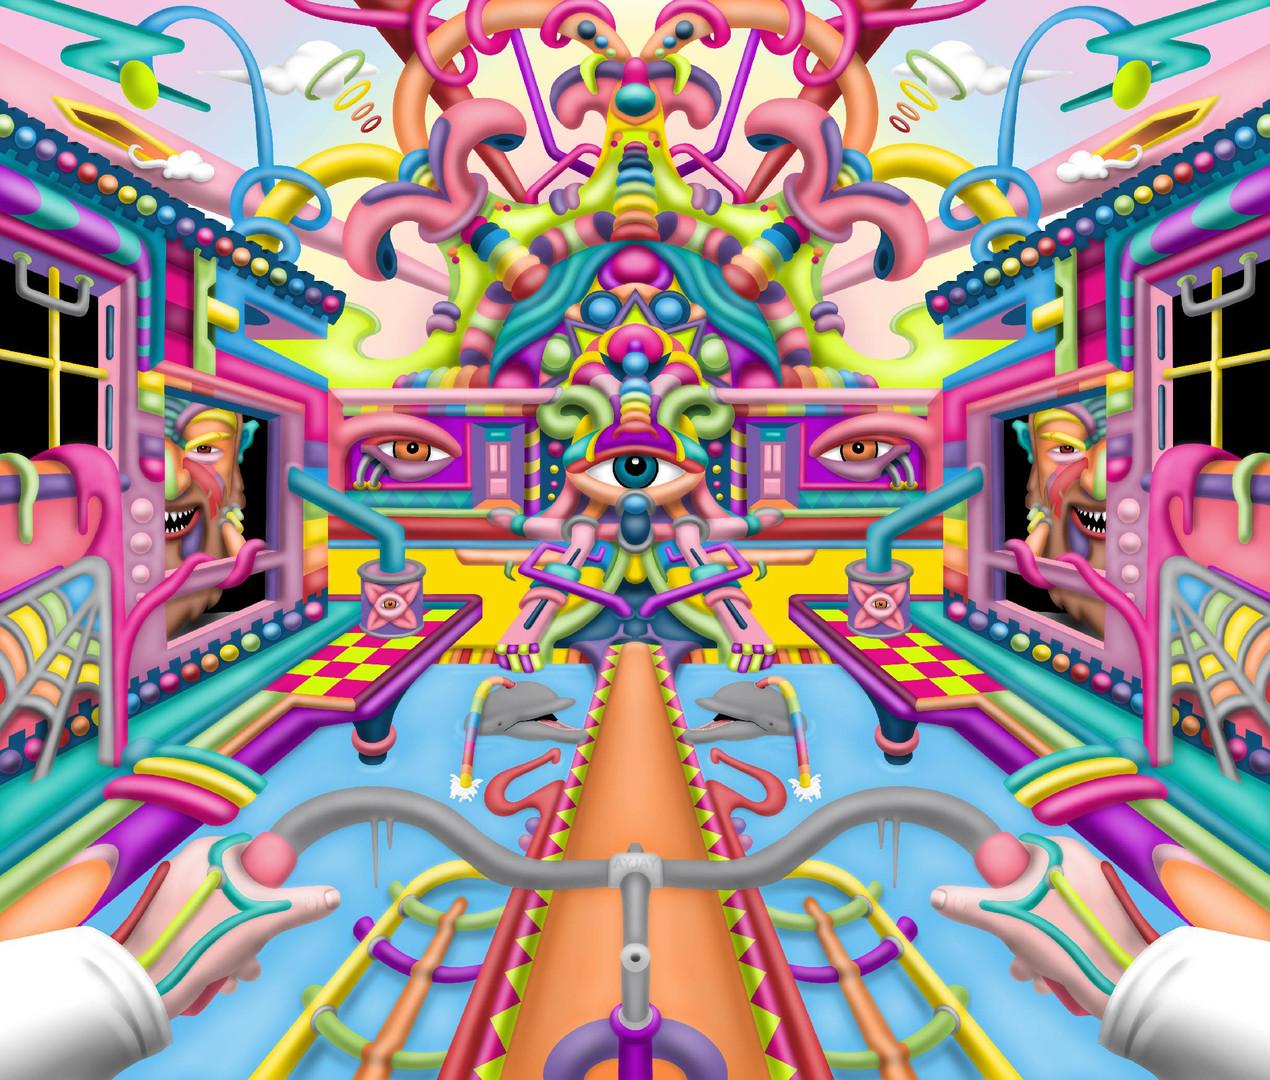 Lysergic Revelation psychedelic LSD art by Ayjay